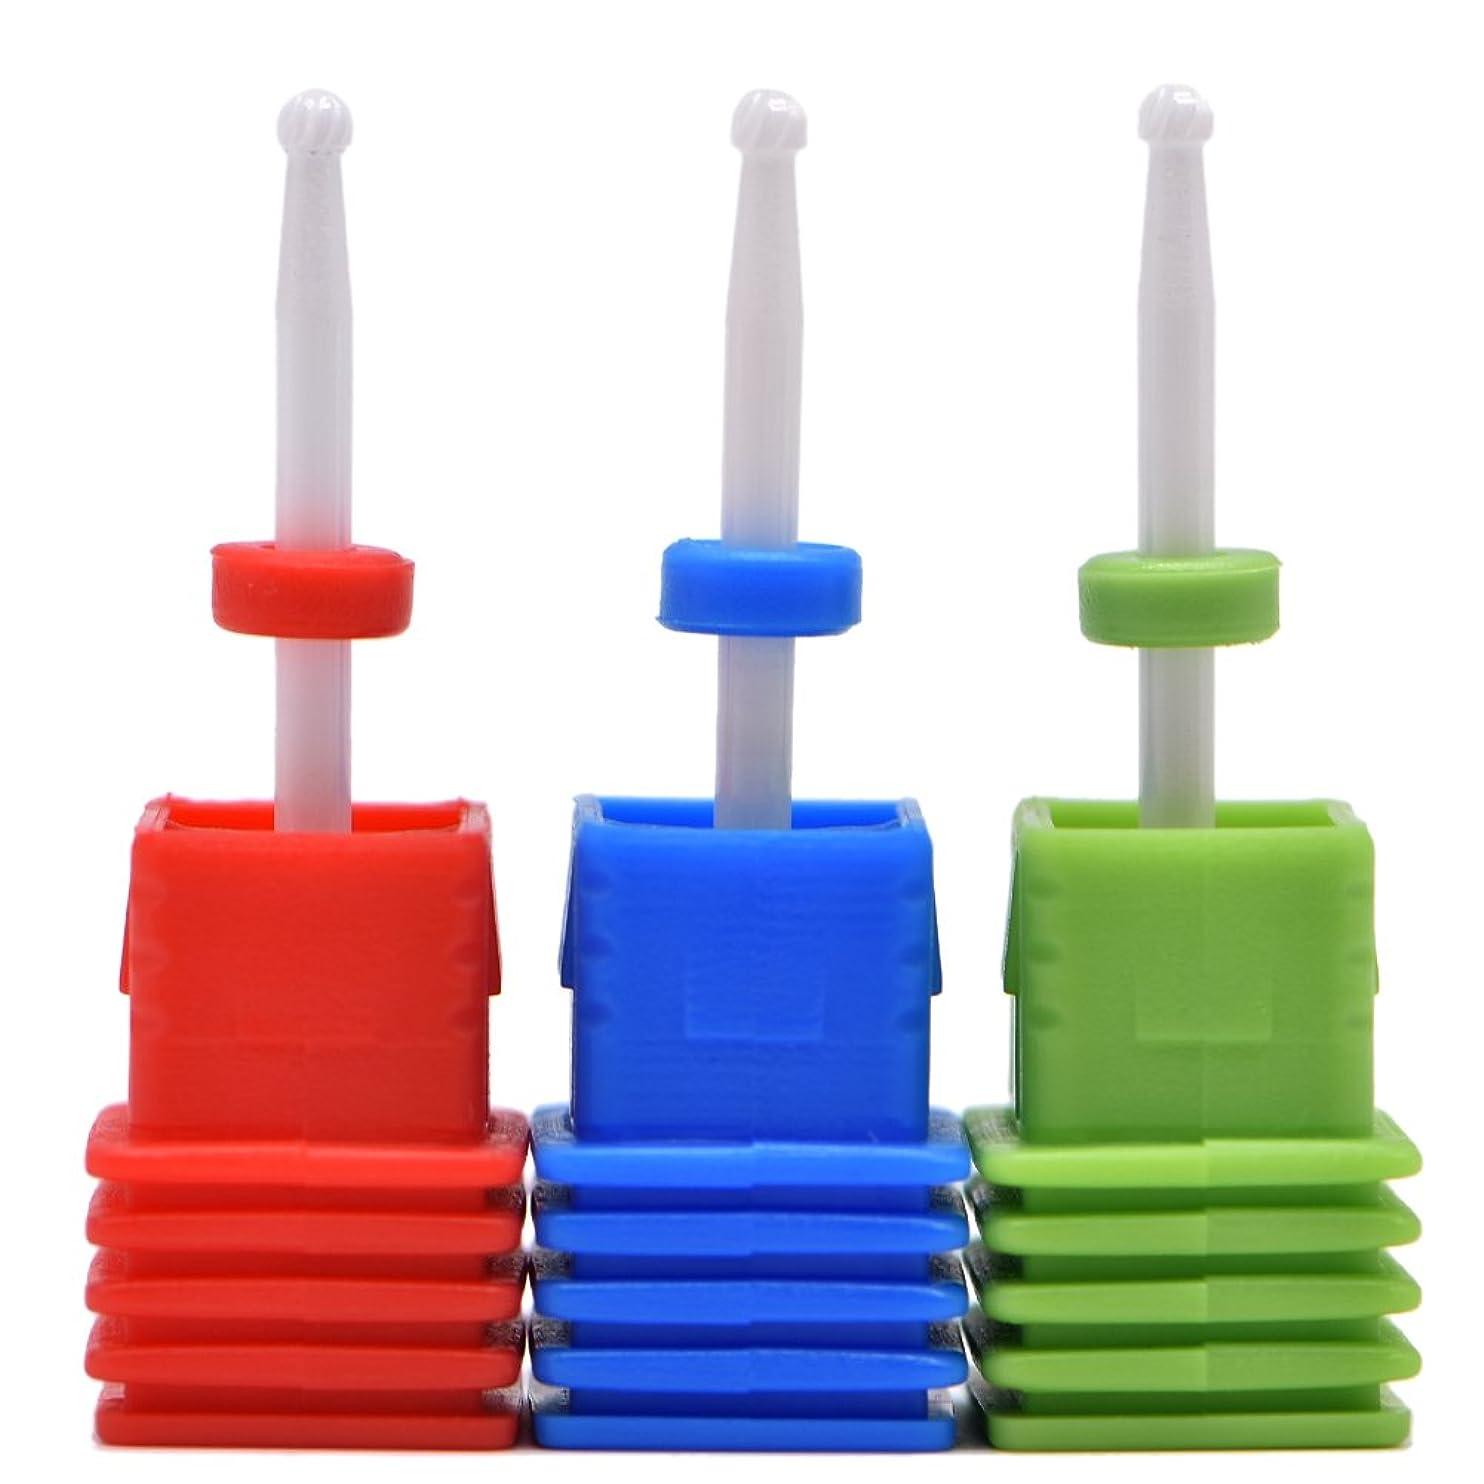 ほのめかす上級勤勉Oral Dentistry ネイルアート ドリルビット小さい丸い 研磨ヘッド ネイル グラインド ヘッド 爪 磨き 研磨 研削 セラミック 全3色 (レッドF(微研削)+グリーンC(粗研削)+ブルーM(中仕上げ))